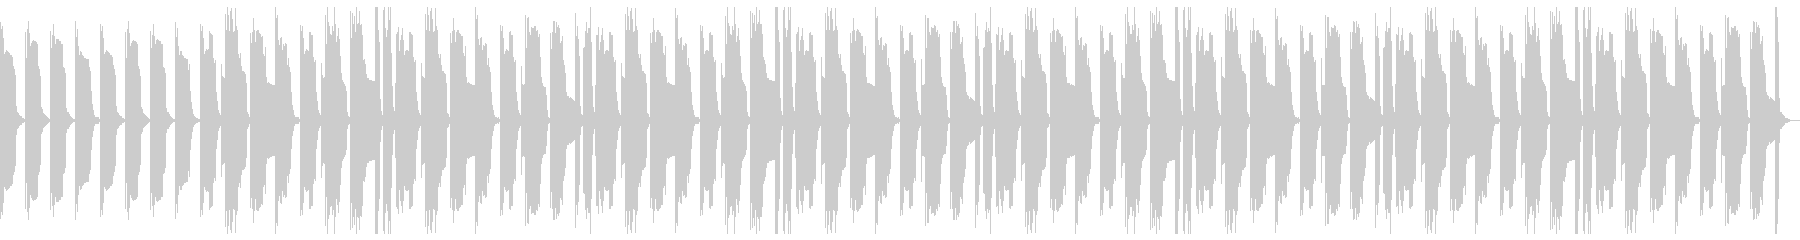 マヌケで怪しいBGMの未再生の波形